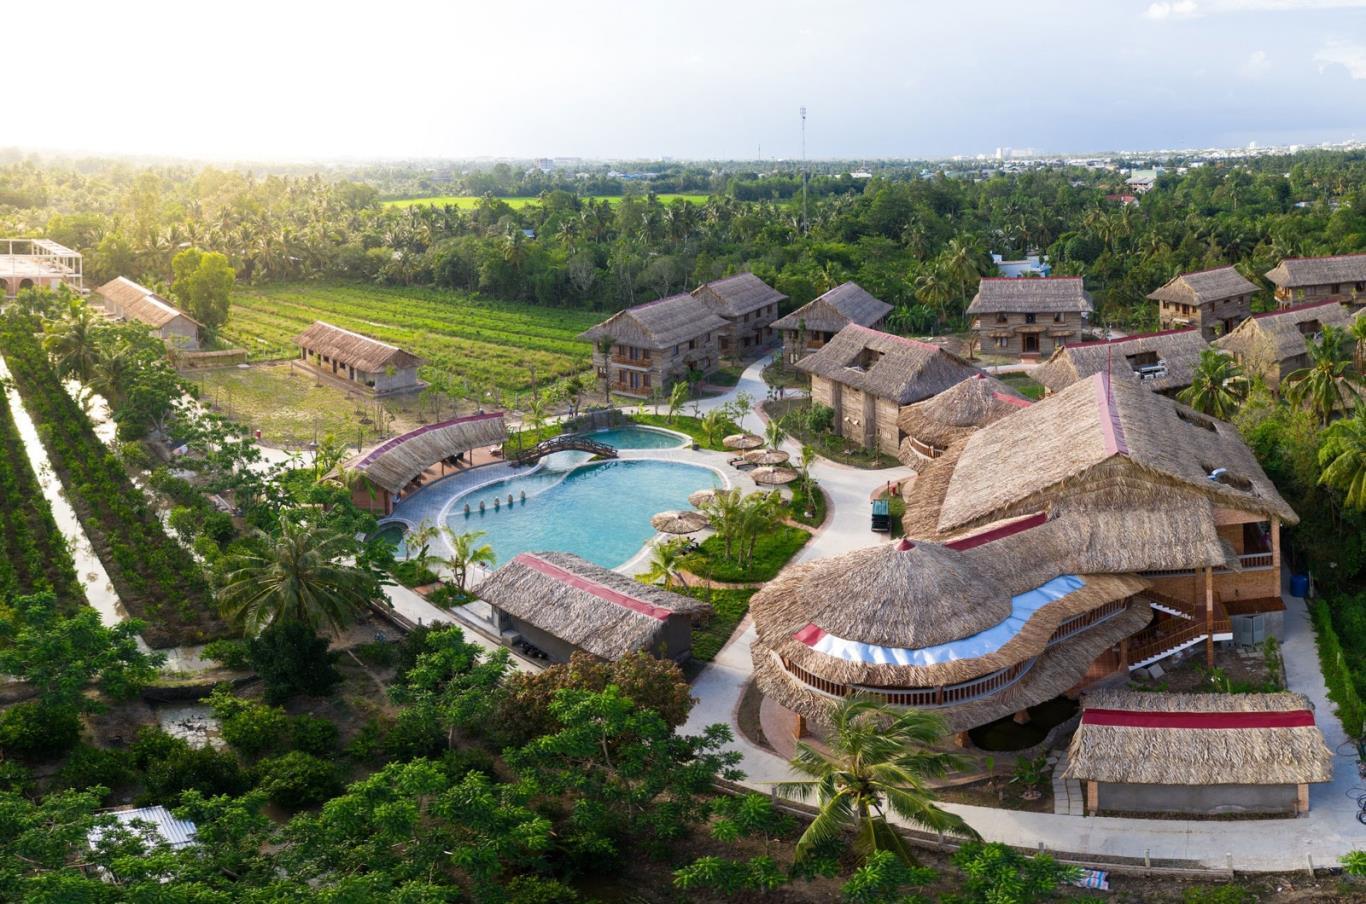 Một khu nghỉ dưỡng giữa ruộng lúa mênh mông ở Miền Tây